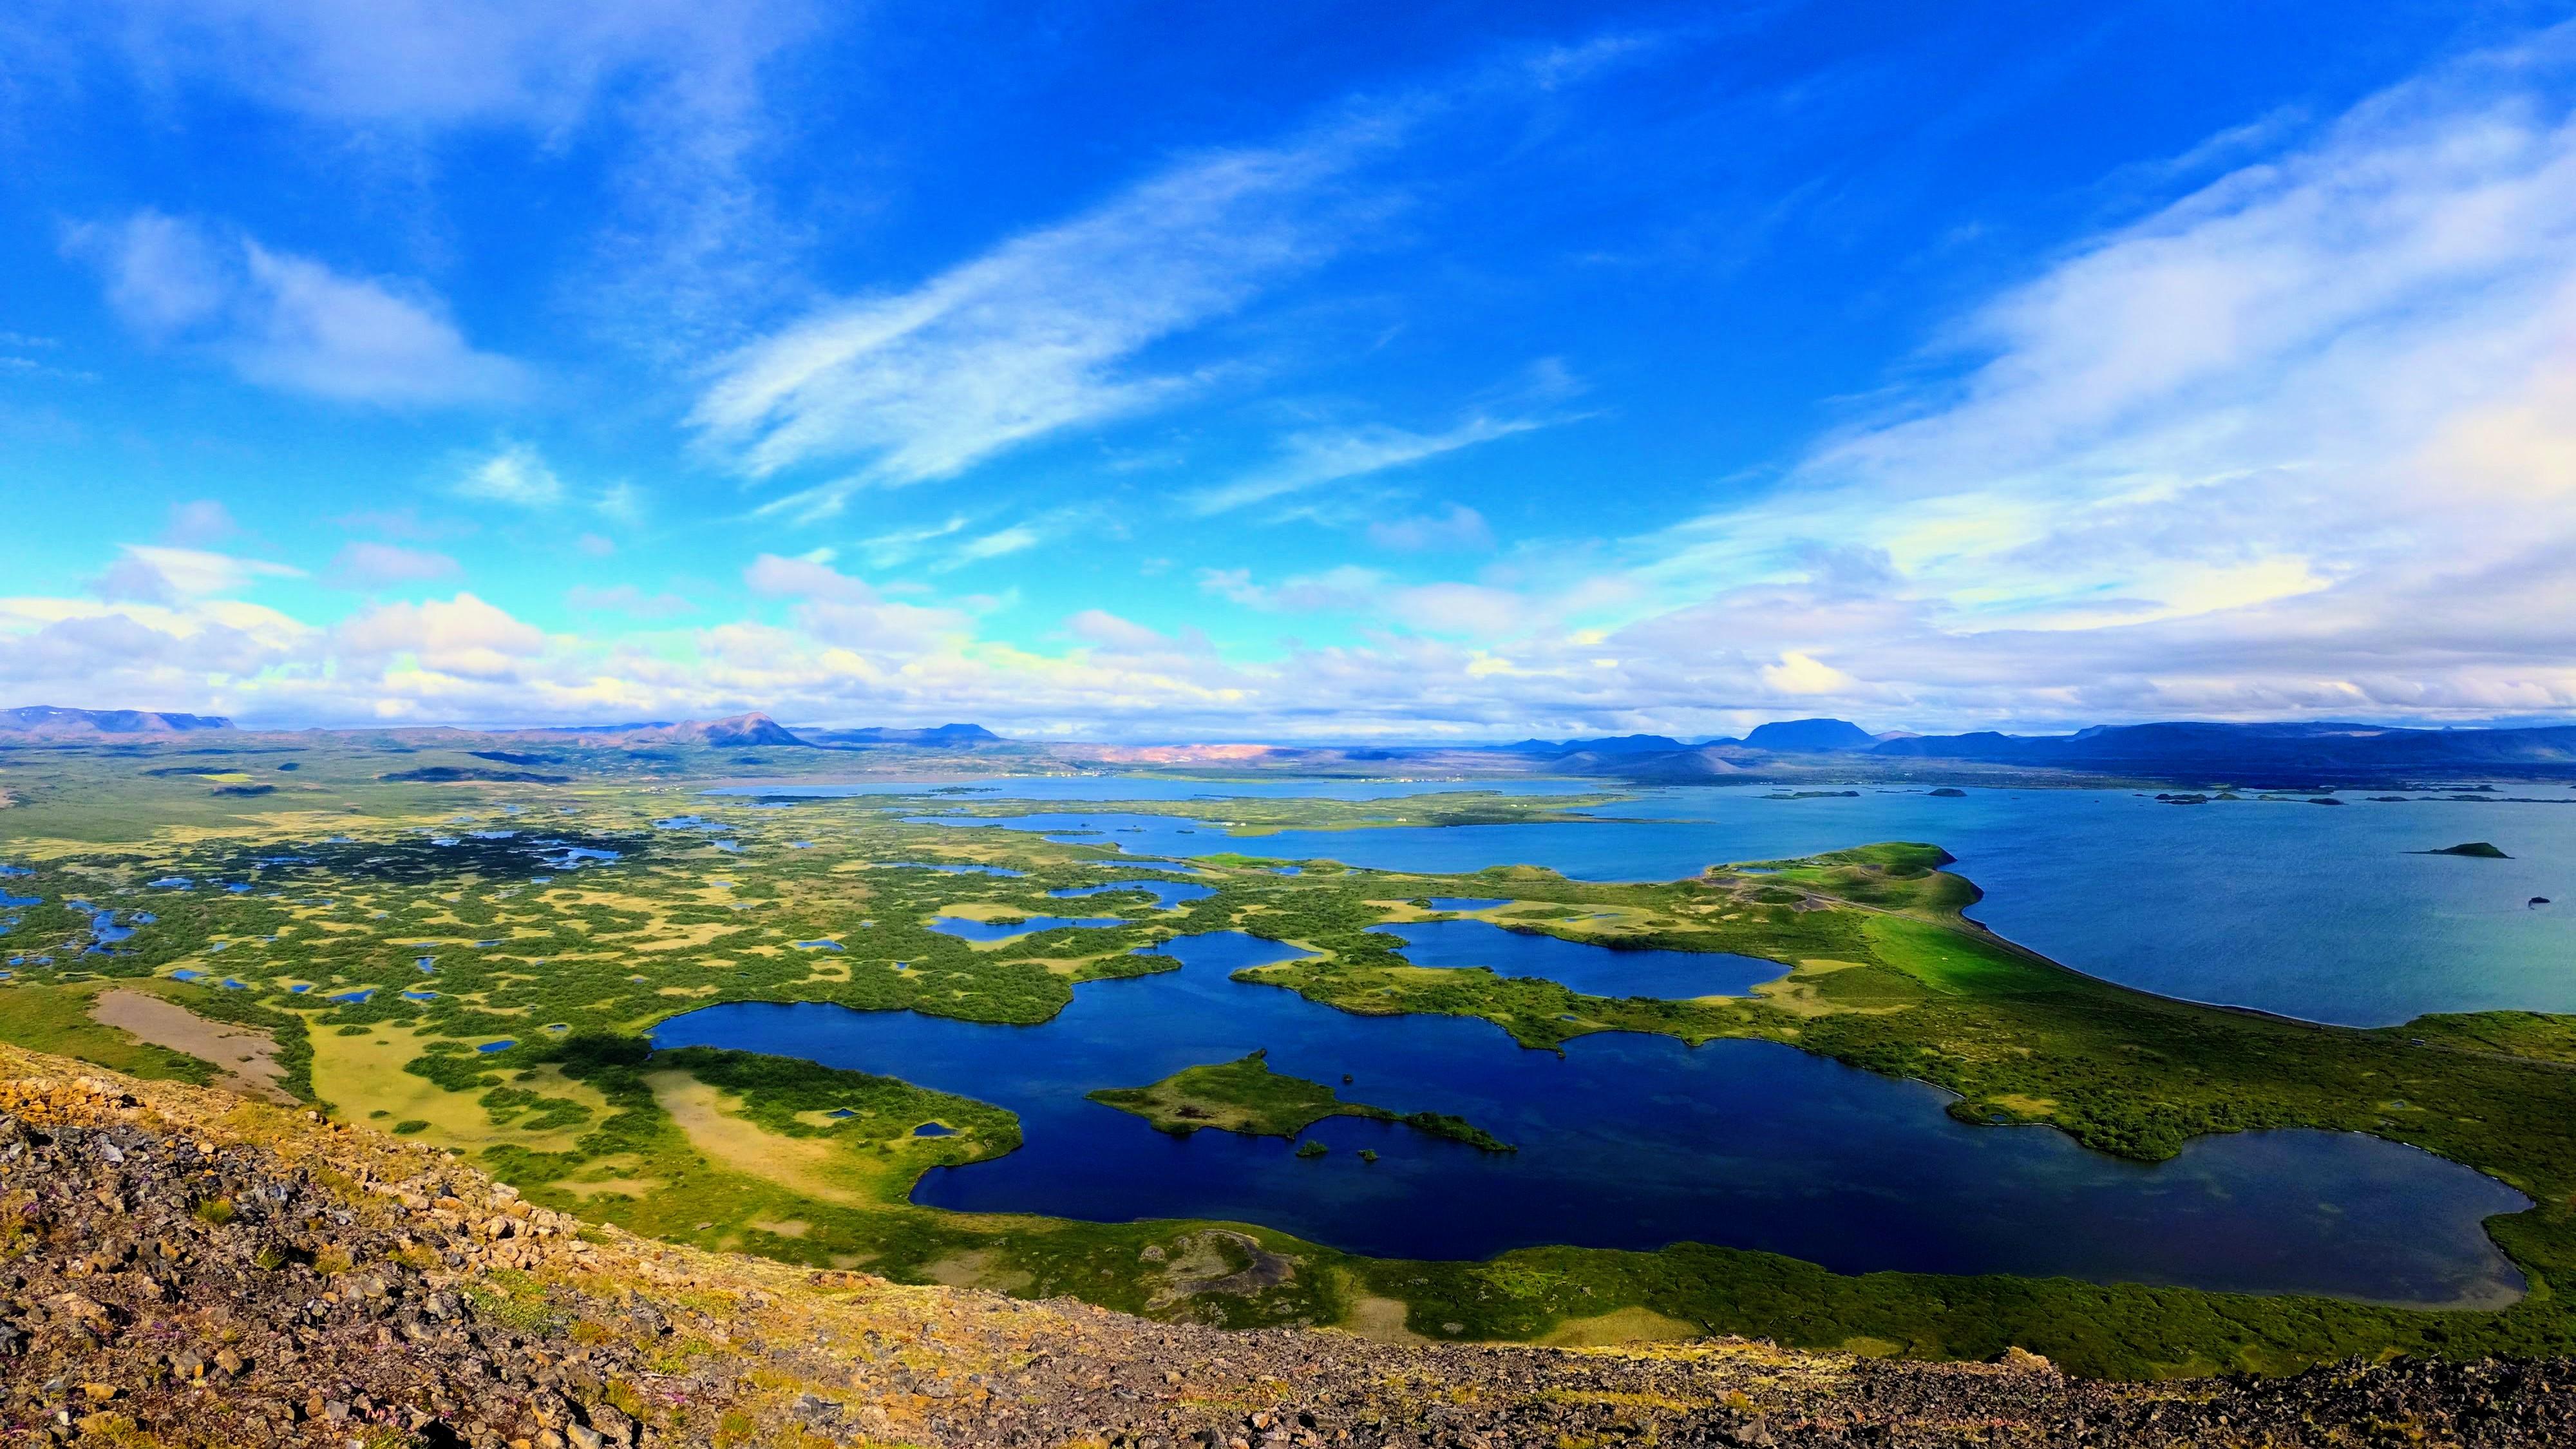 Výhled na jezero Mývatn z hory Vindbelgjalfjall